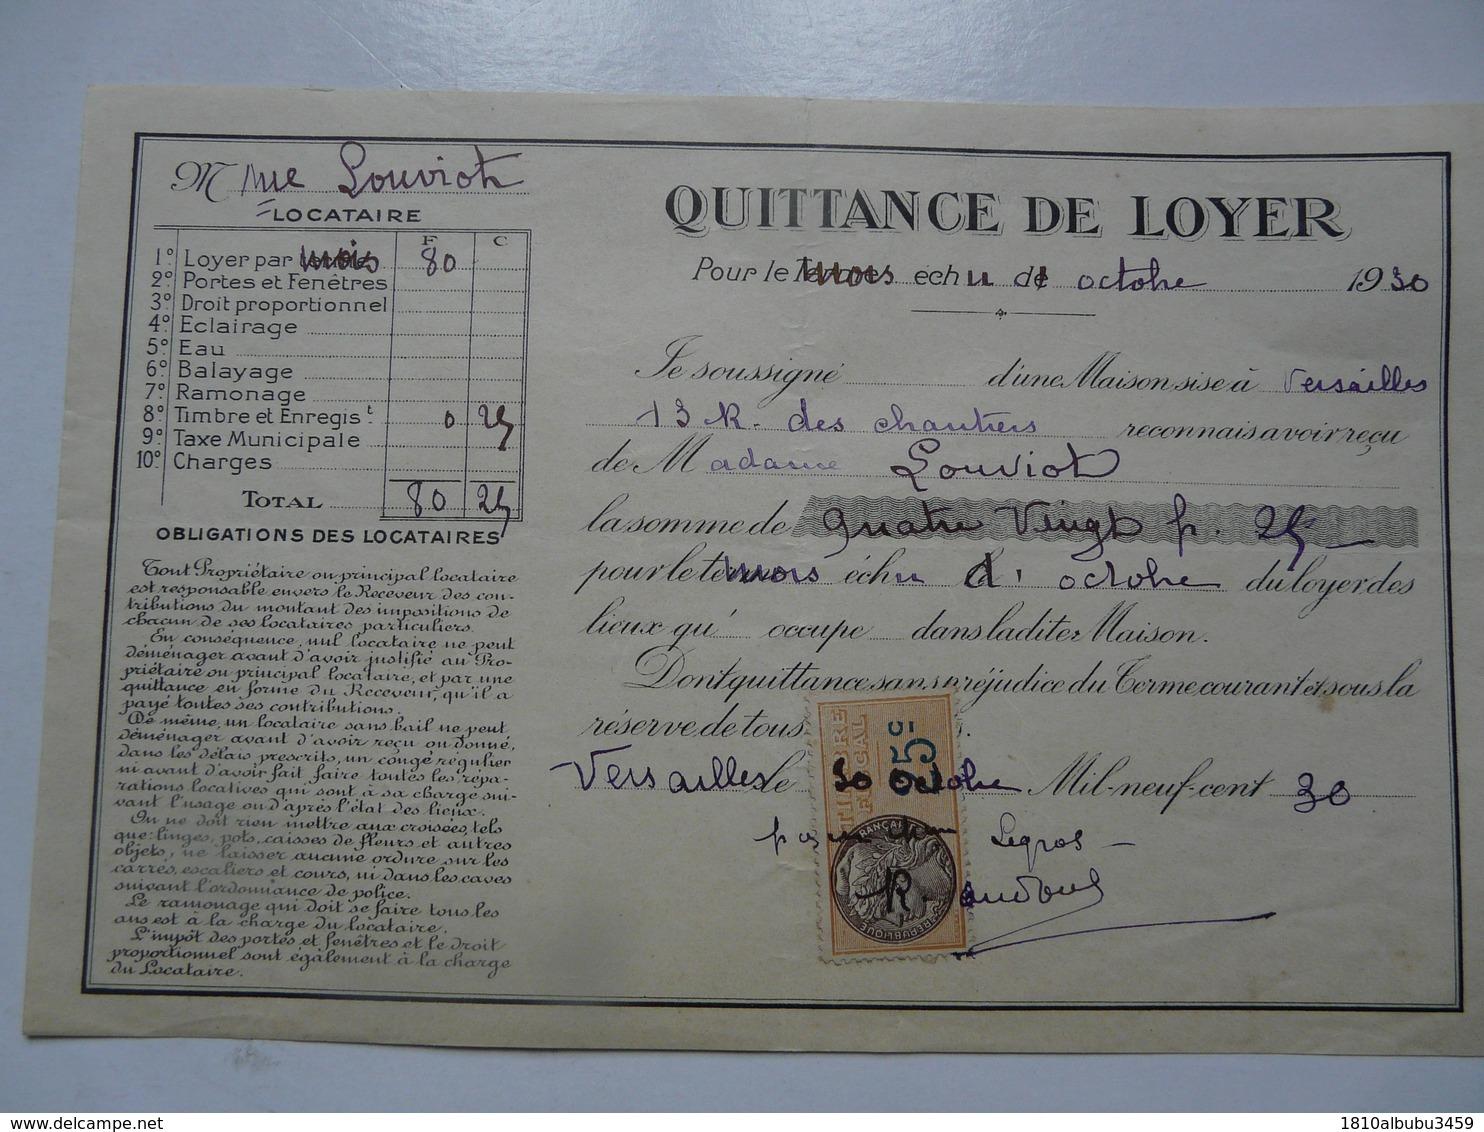 VIEUX PAPIERS - QUITTANCE DE LOYER - Mme LOUVIOT Locataire - Rue Des Chantiers- Octobre 1930 - Versailles - Francia